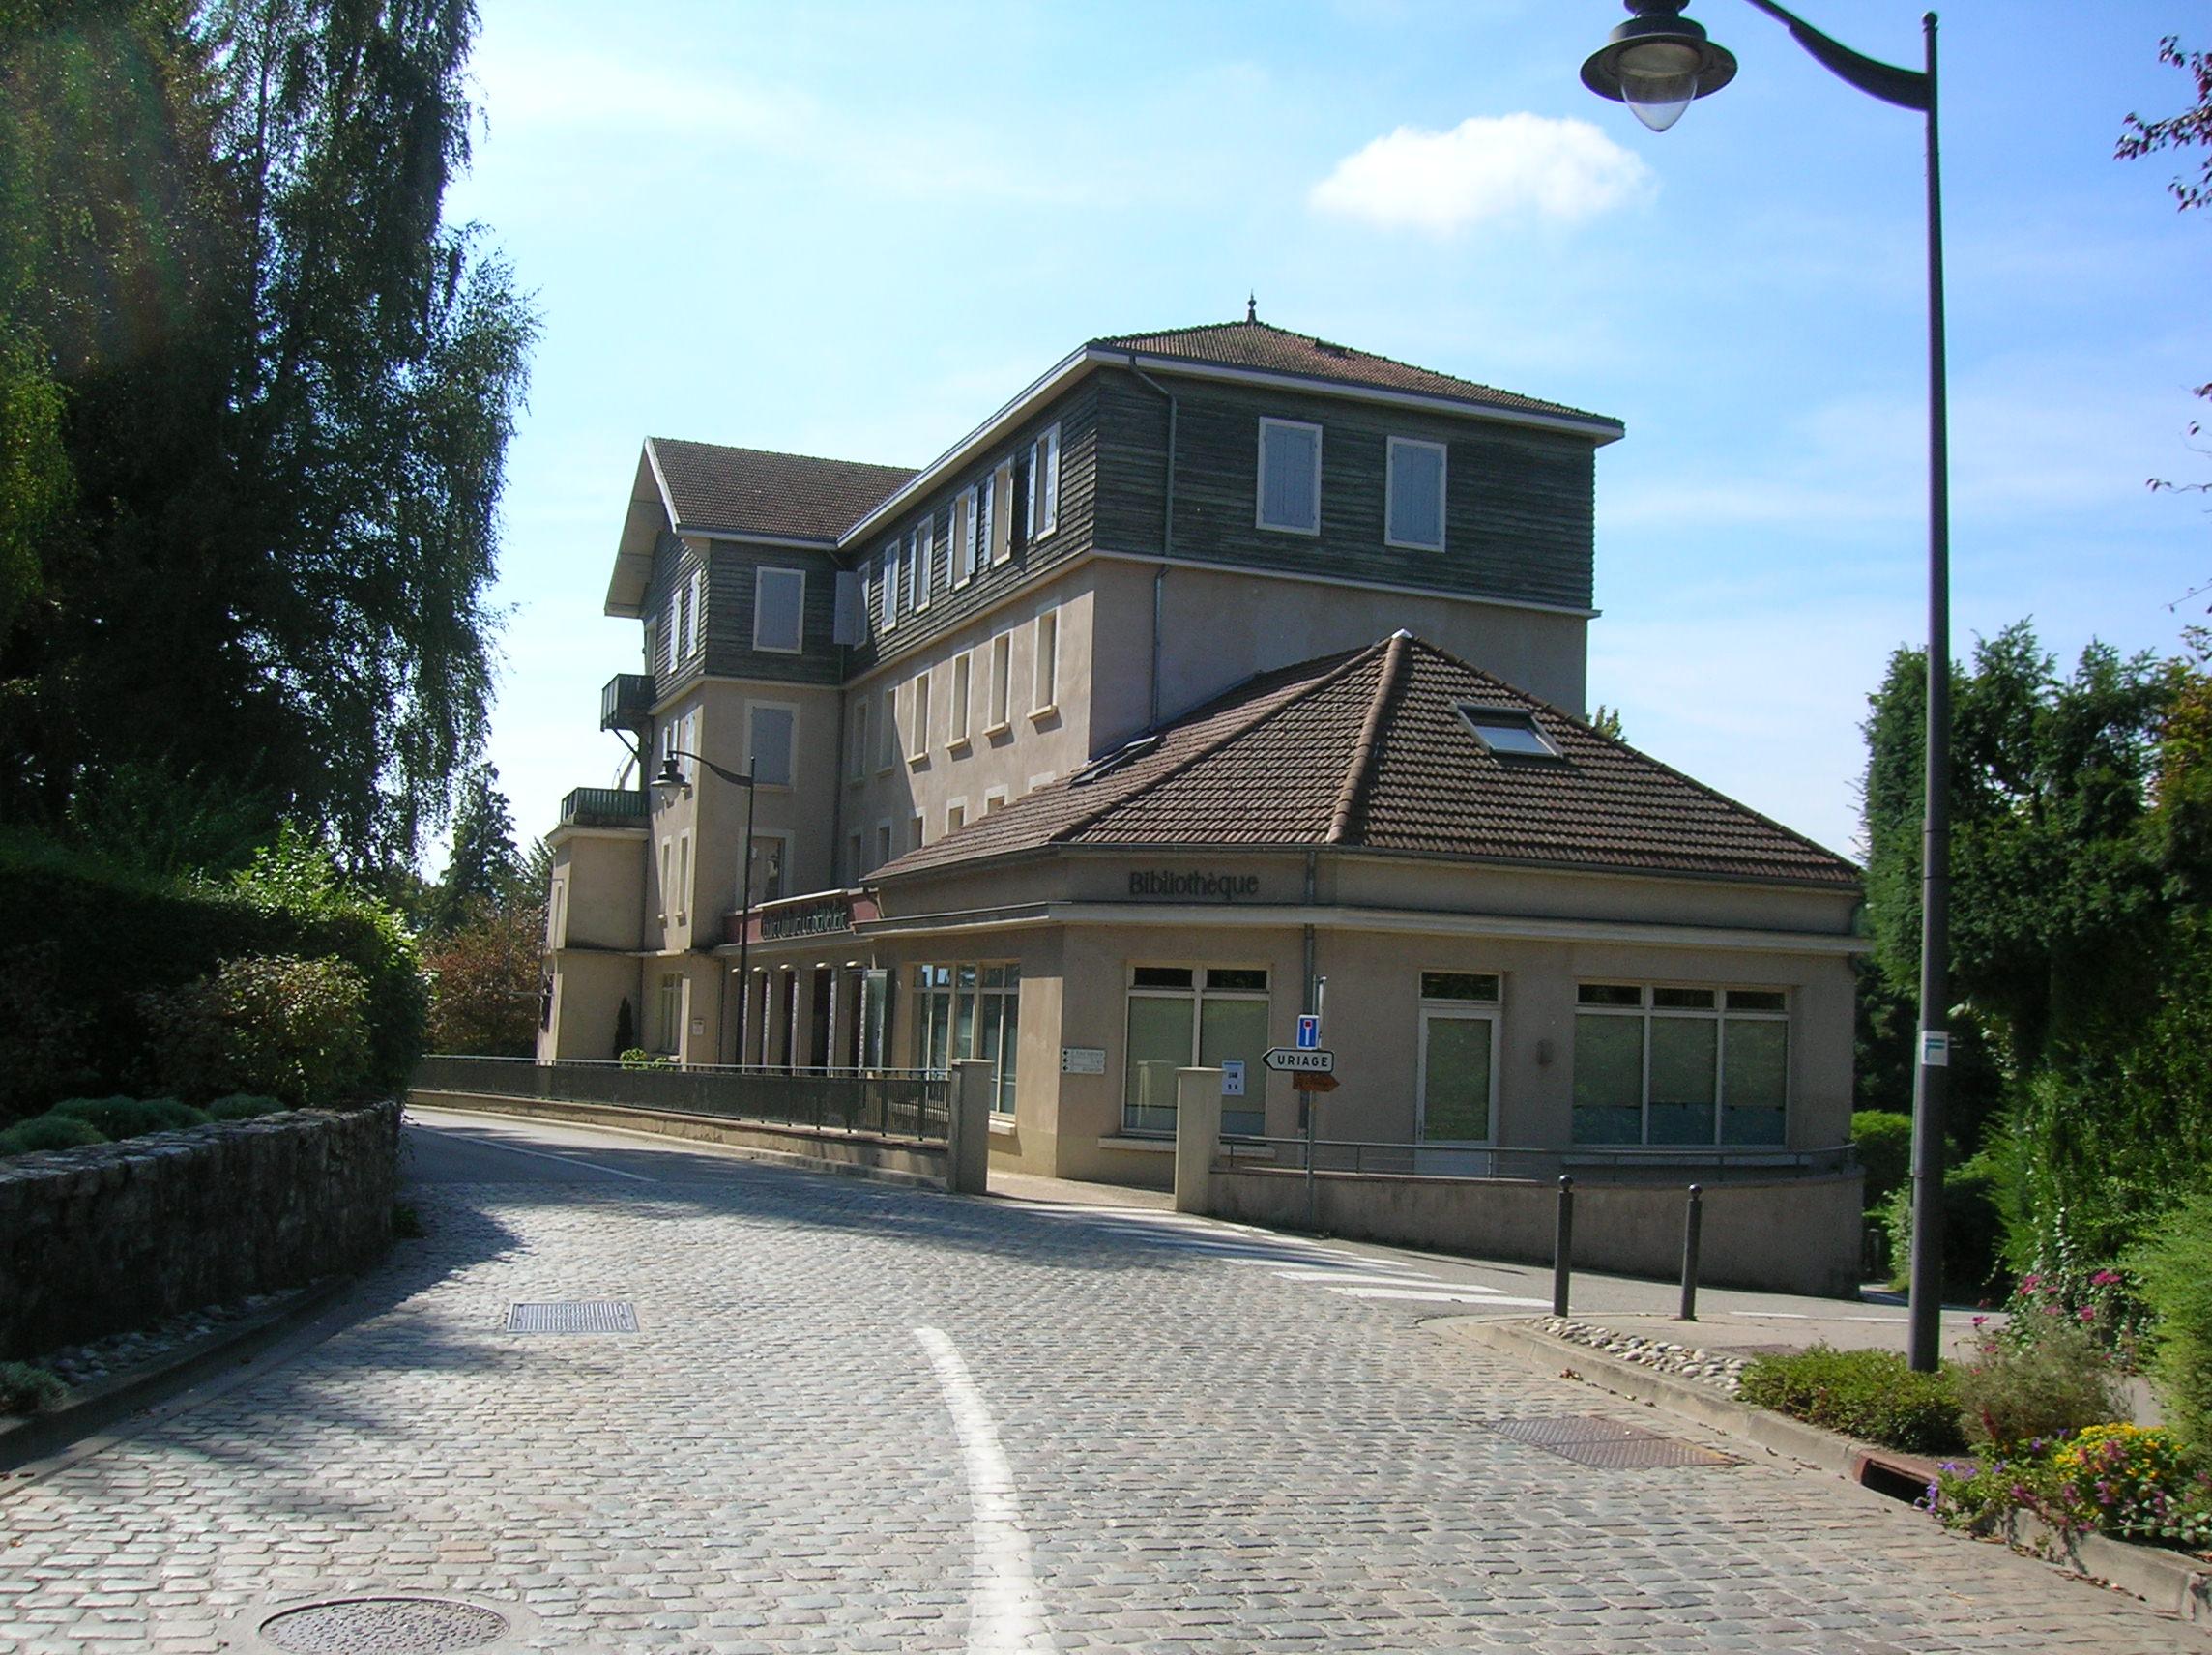 Bibliothèque Saint Martin D Uriage file:bourg st martin uriage 4 centre culturel le belvédère